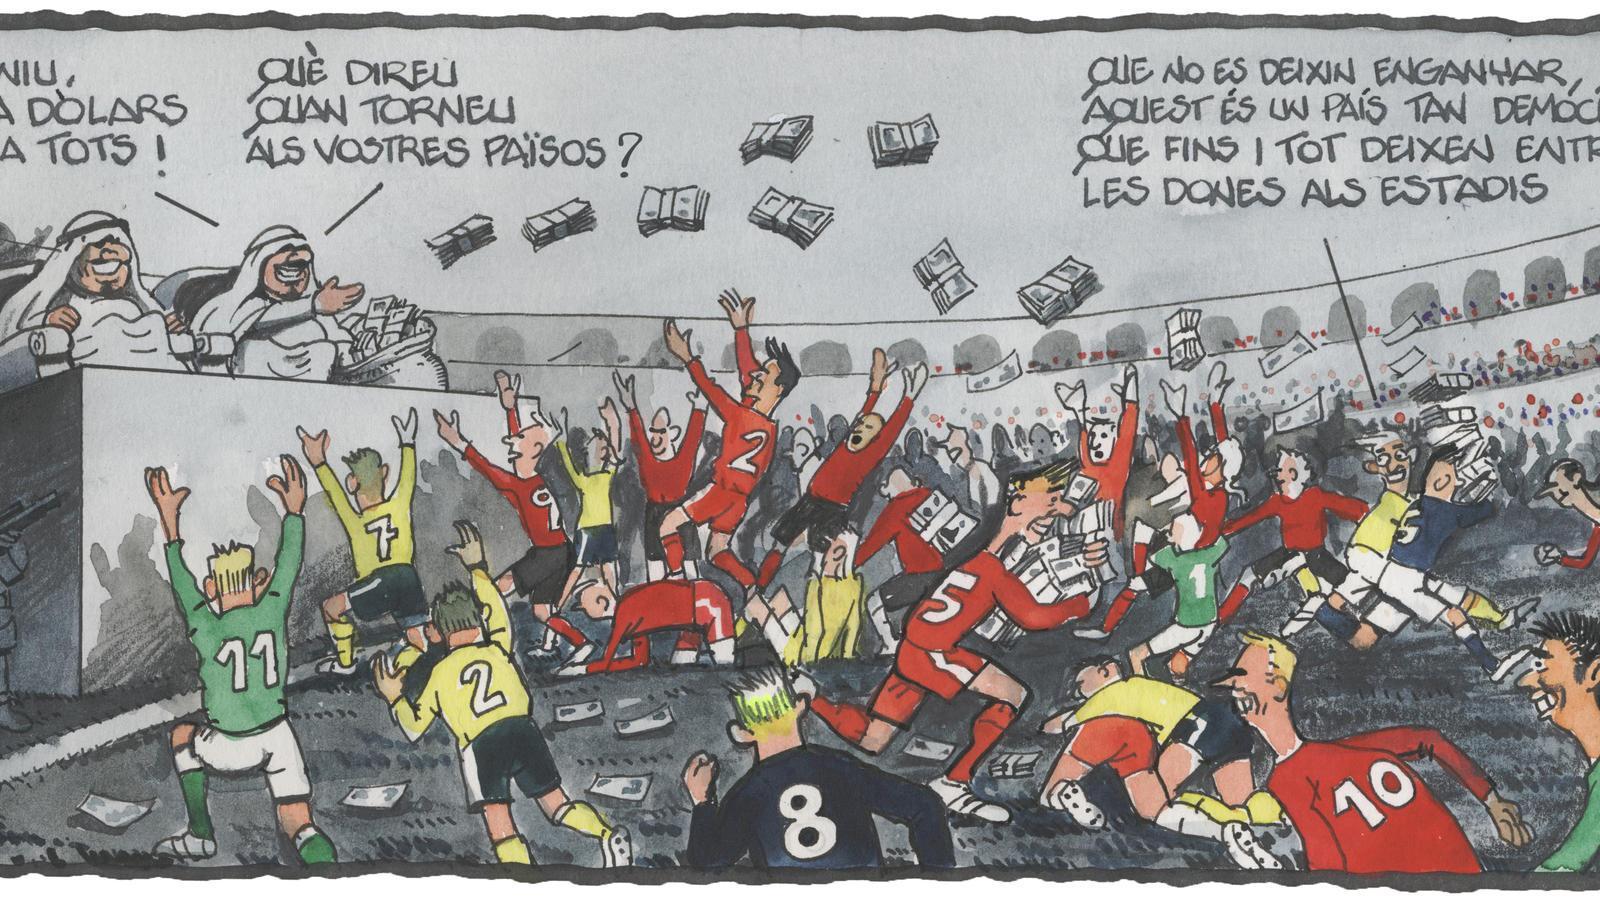 'A la contra', per Ferreres 14/01/2020